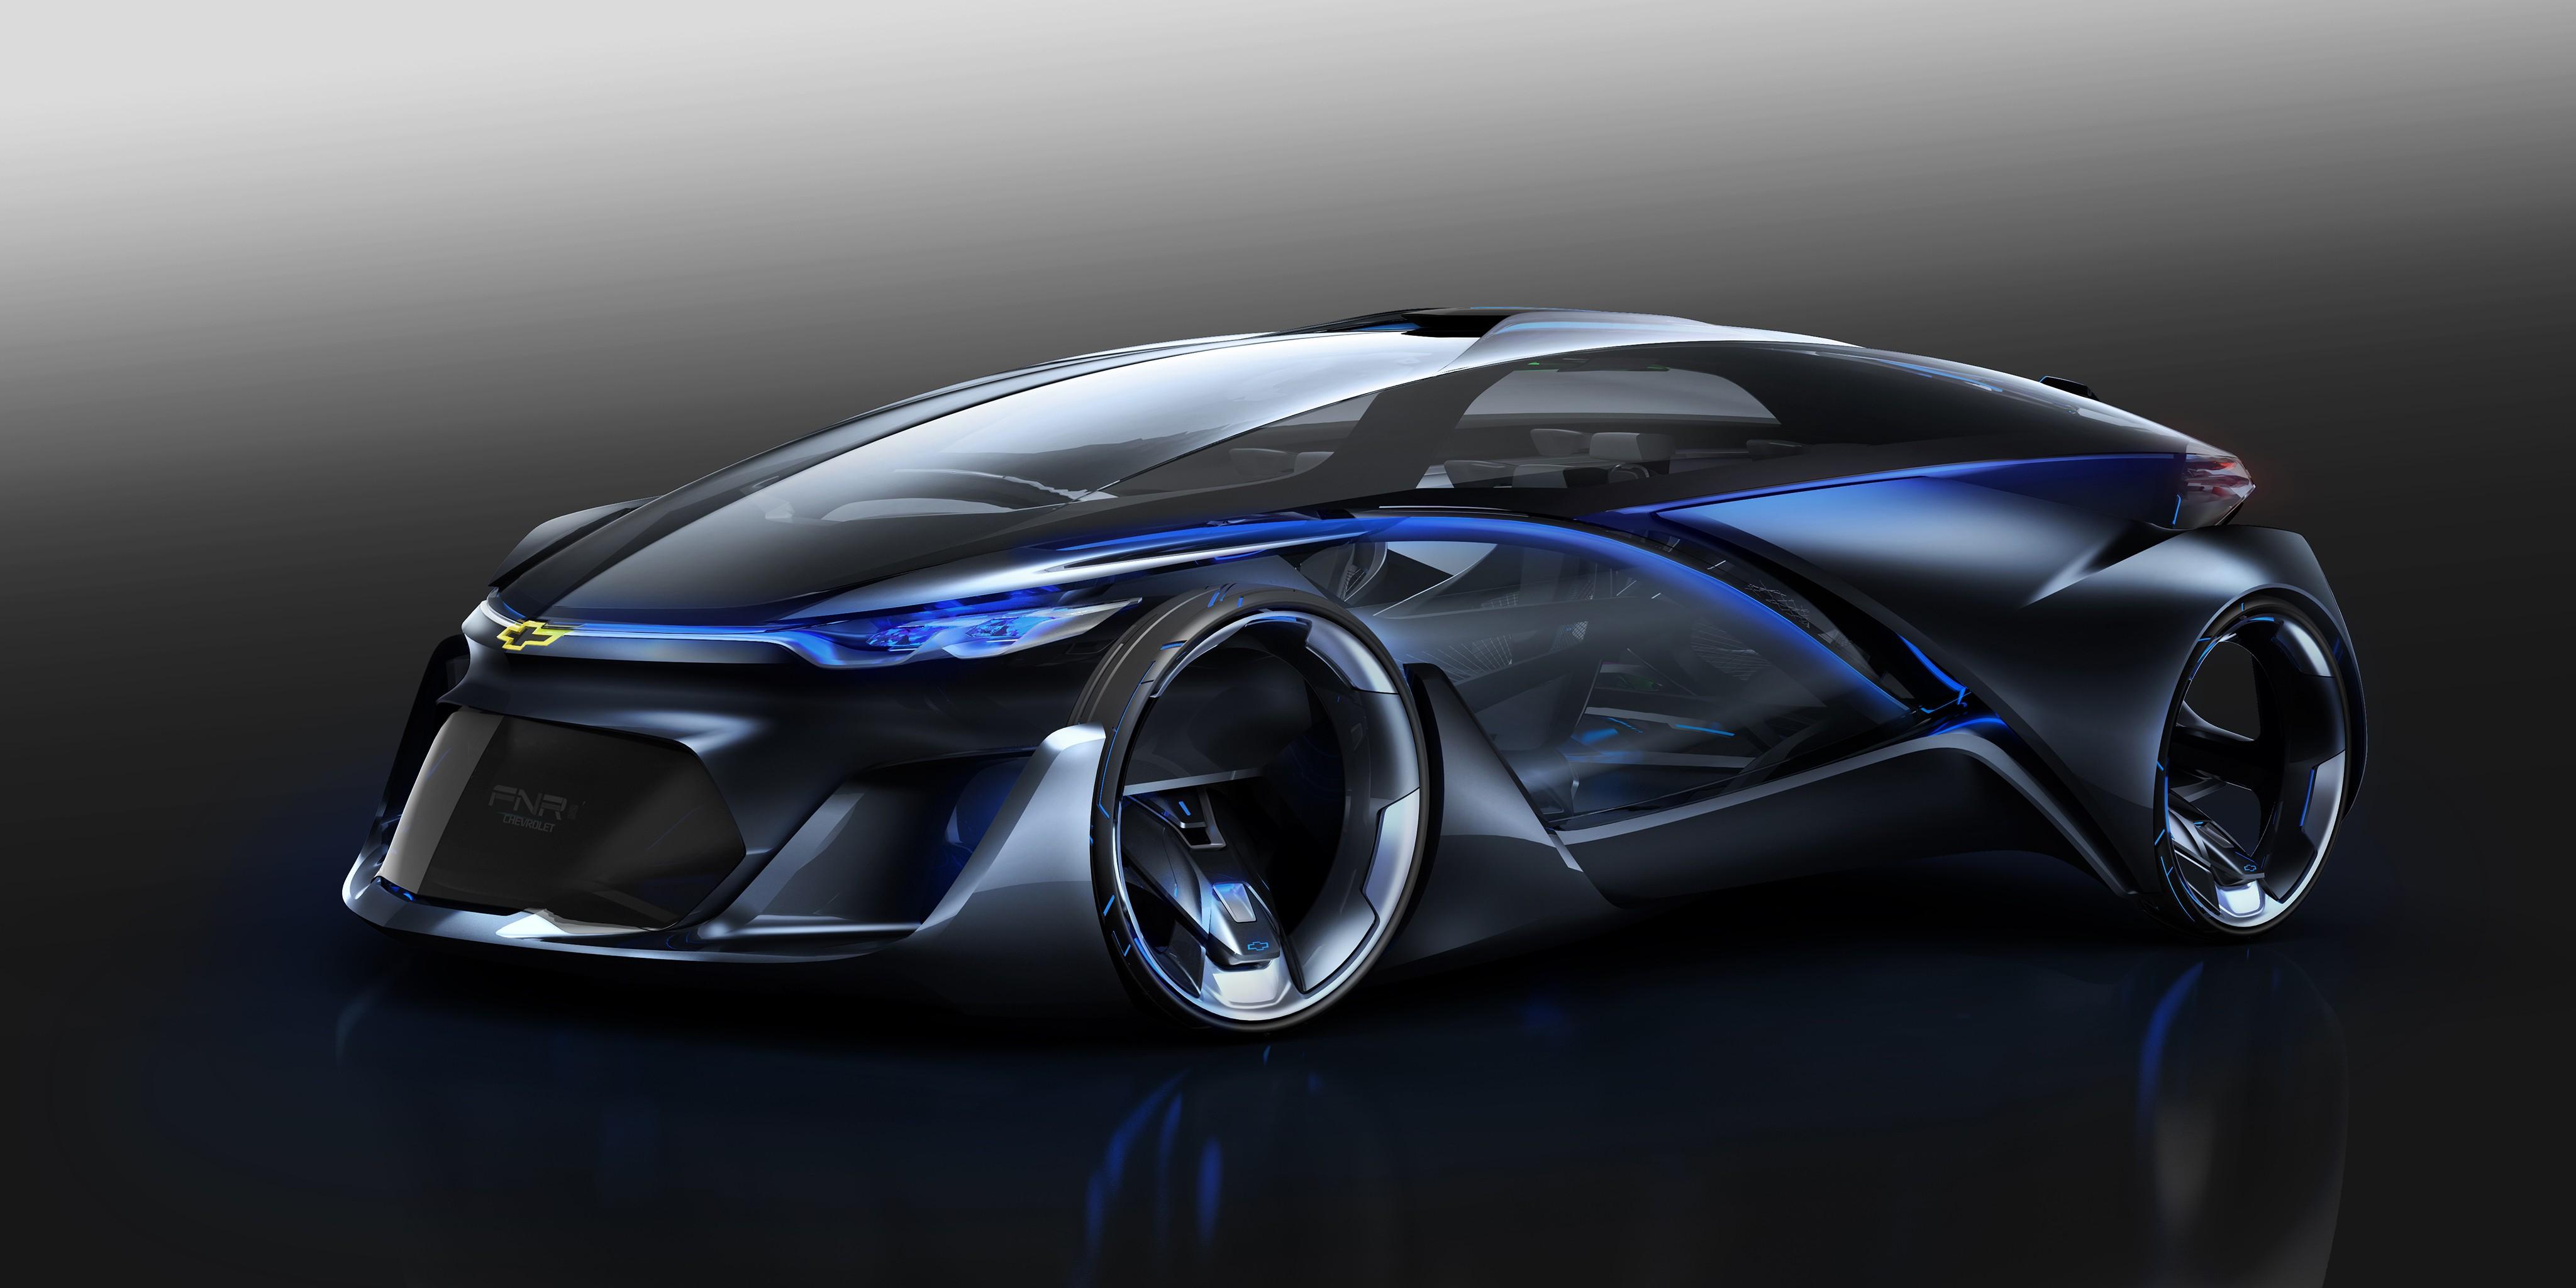 Будущий дизайн автомобилей